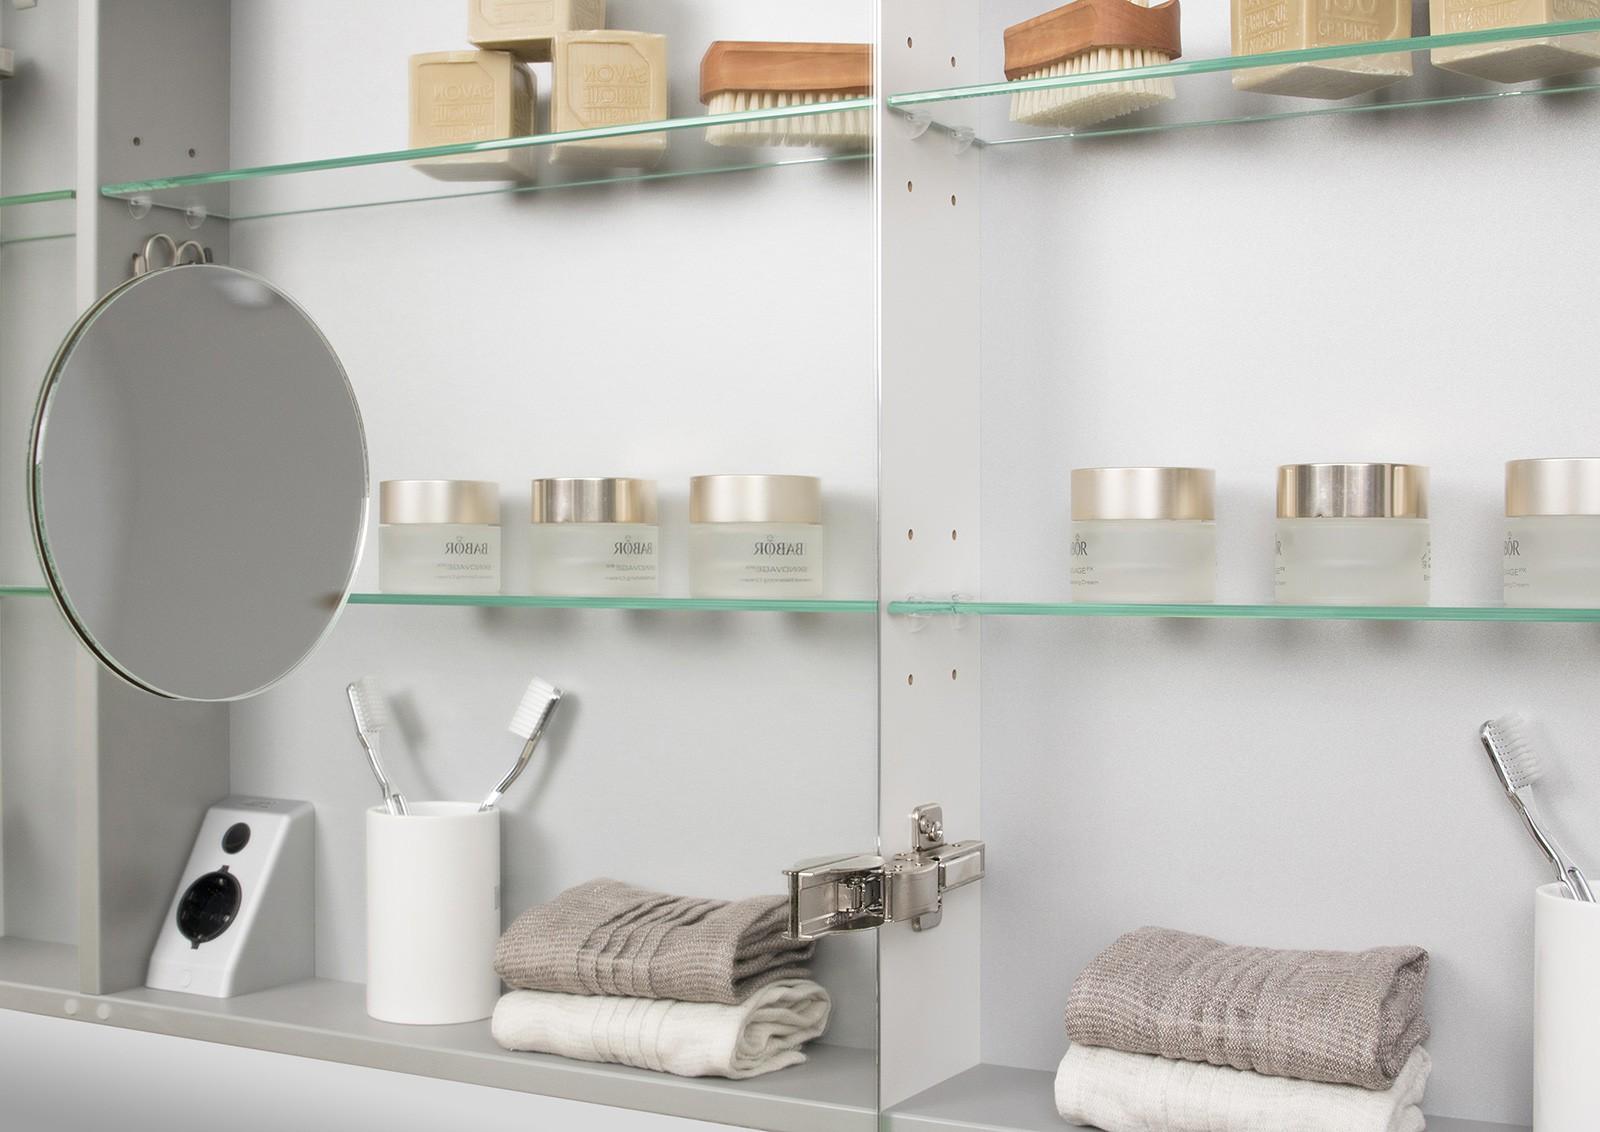 spiegelschrank bad 120 cm led beleuchtung doppelseitig verspiegelt. Black Bedroom Furniture Sets. Home Design Ideas